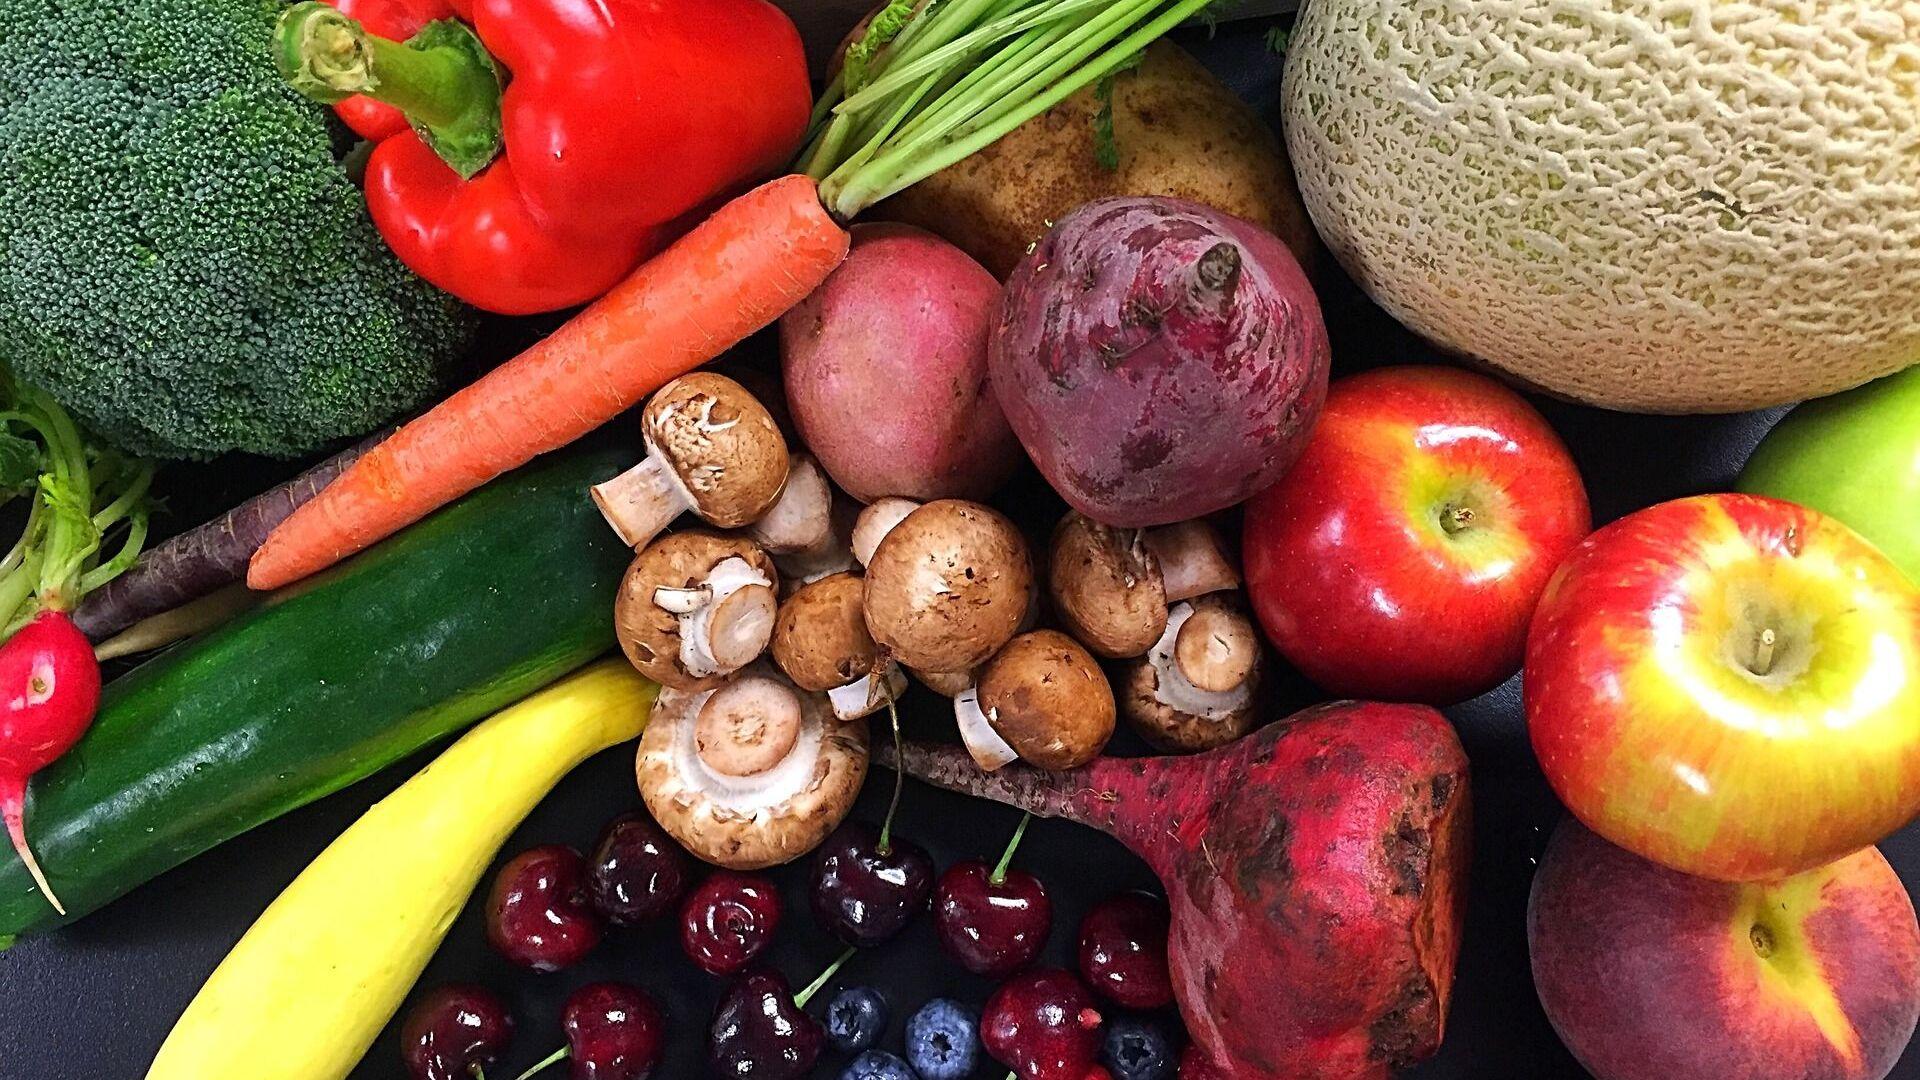 Frutas y verduras (imagen referencial) - Sputnik Mundo, 1920, 08.09.2021